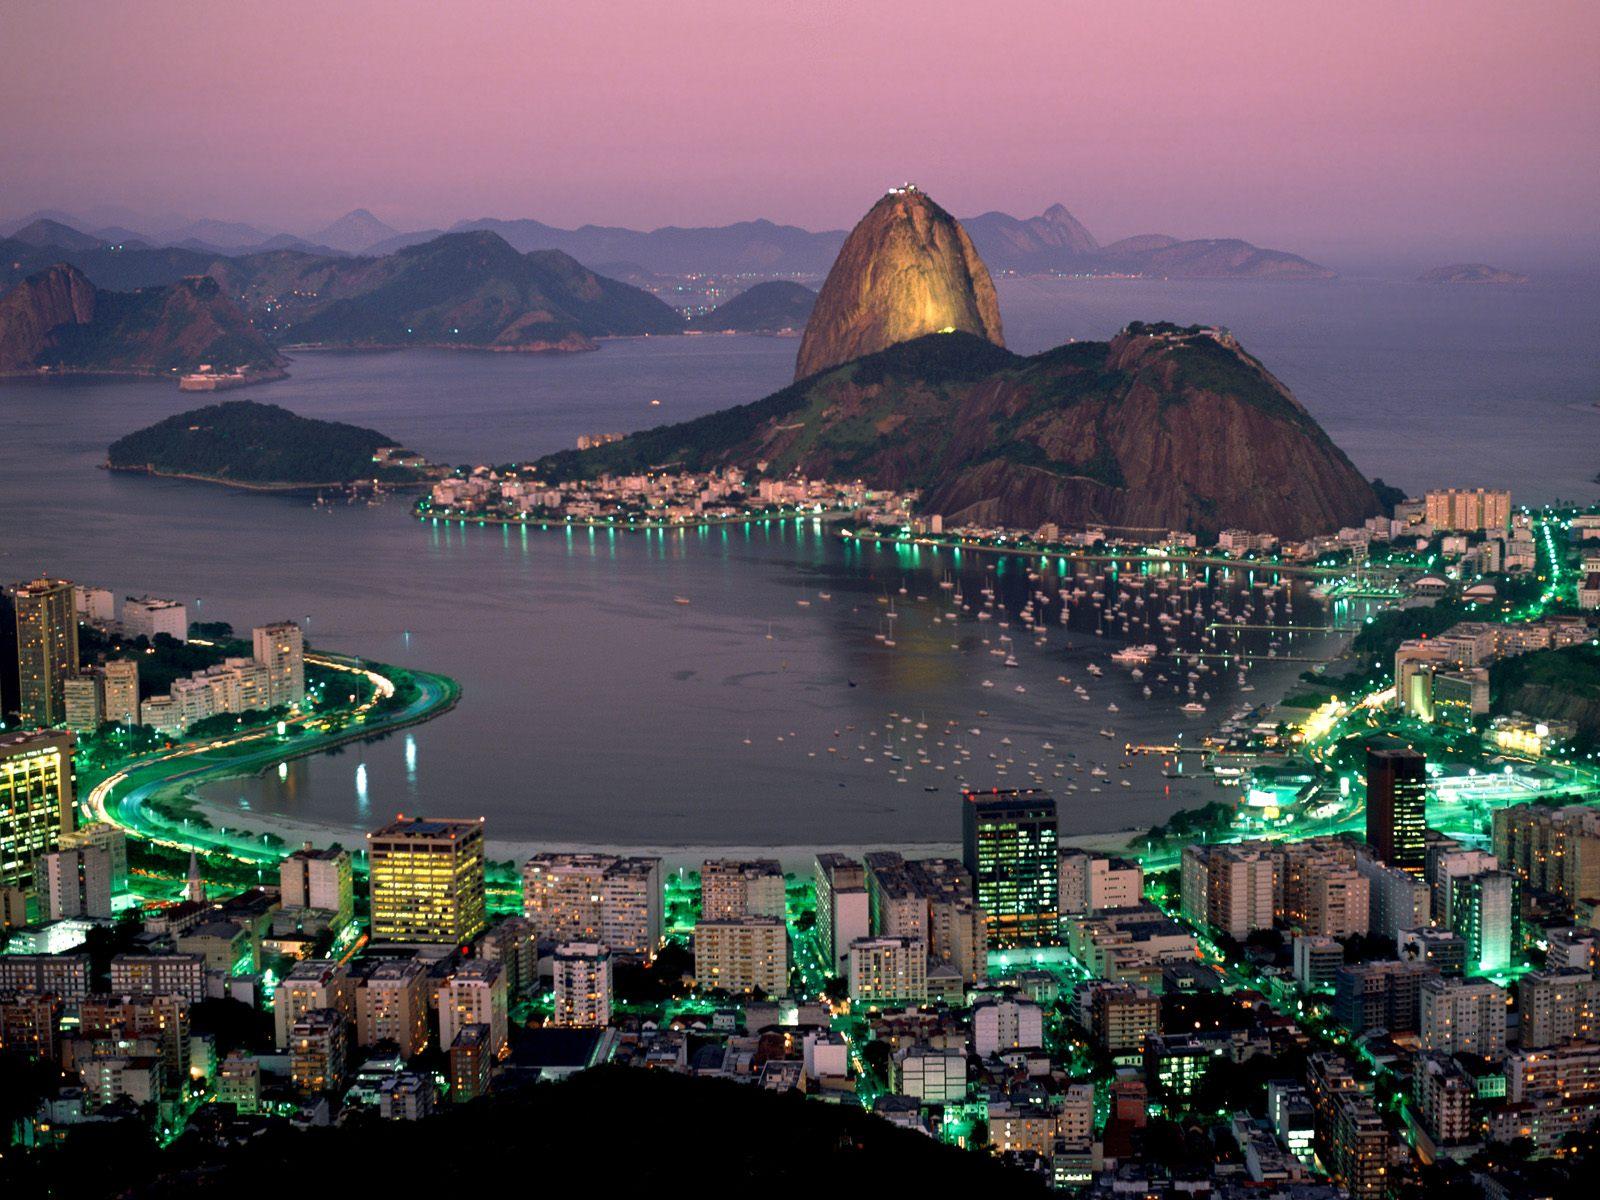 Захарната планина в Рио де Жанейро